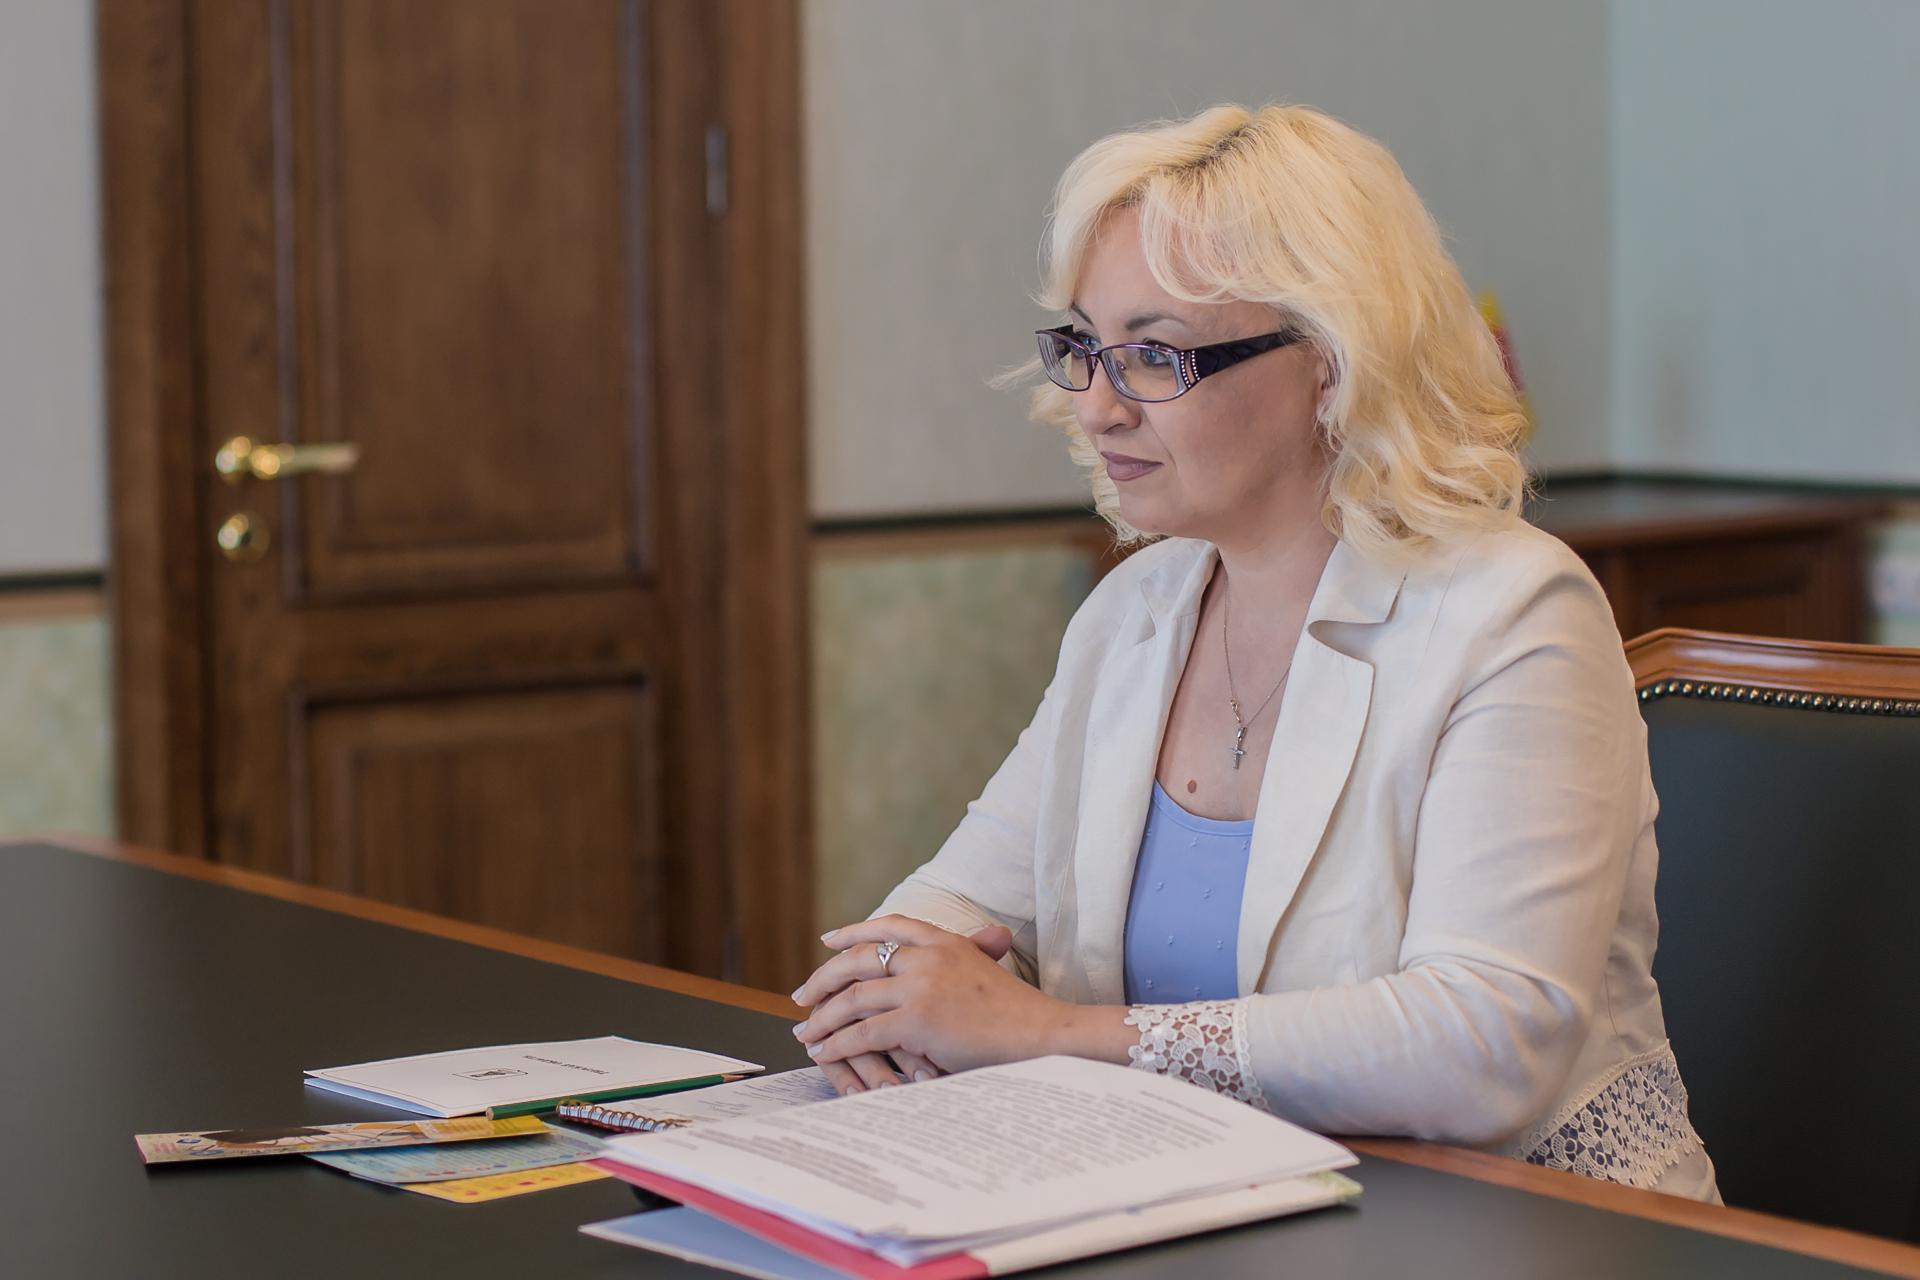 Лариса Мосолыгина: Наш регион старается опережать федеральные инициативы